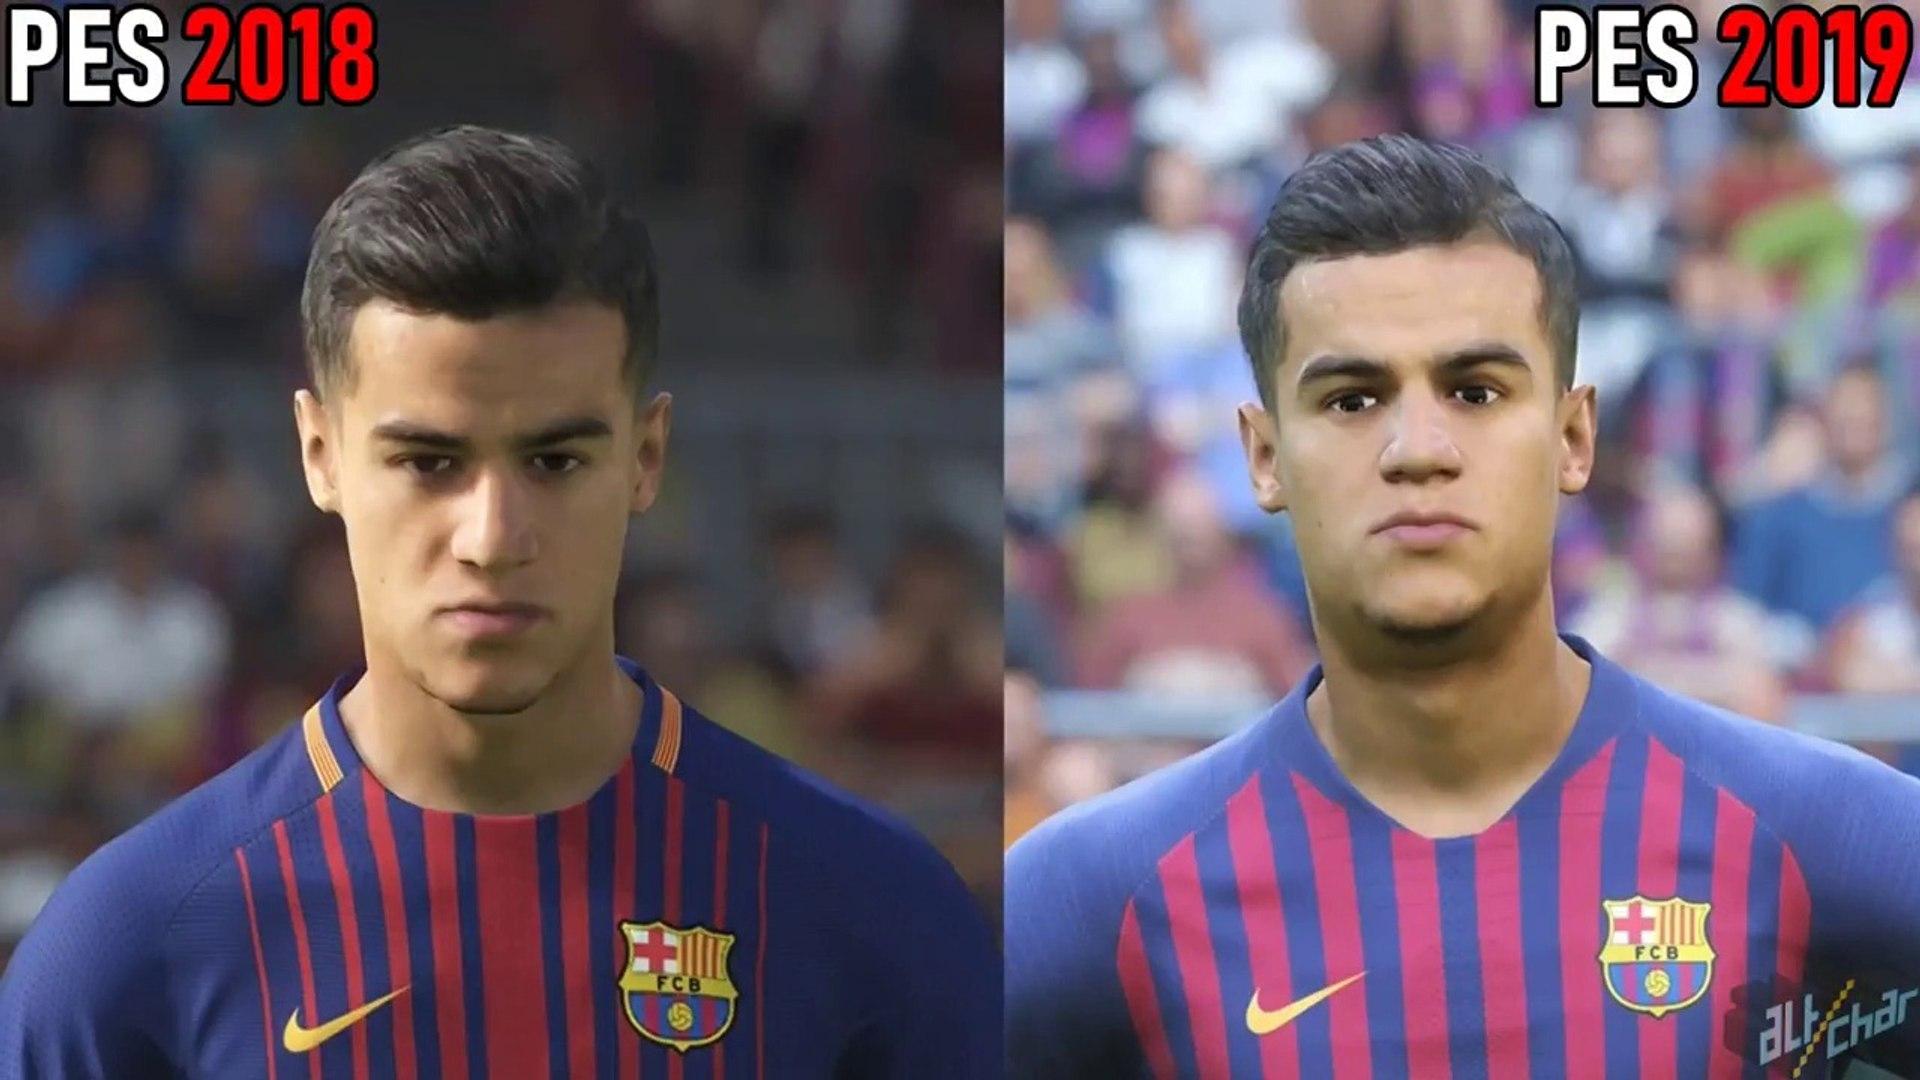 PES 2019 vs PES 2018 Graphics Comparison (PS4 Pro)